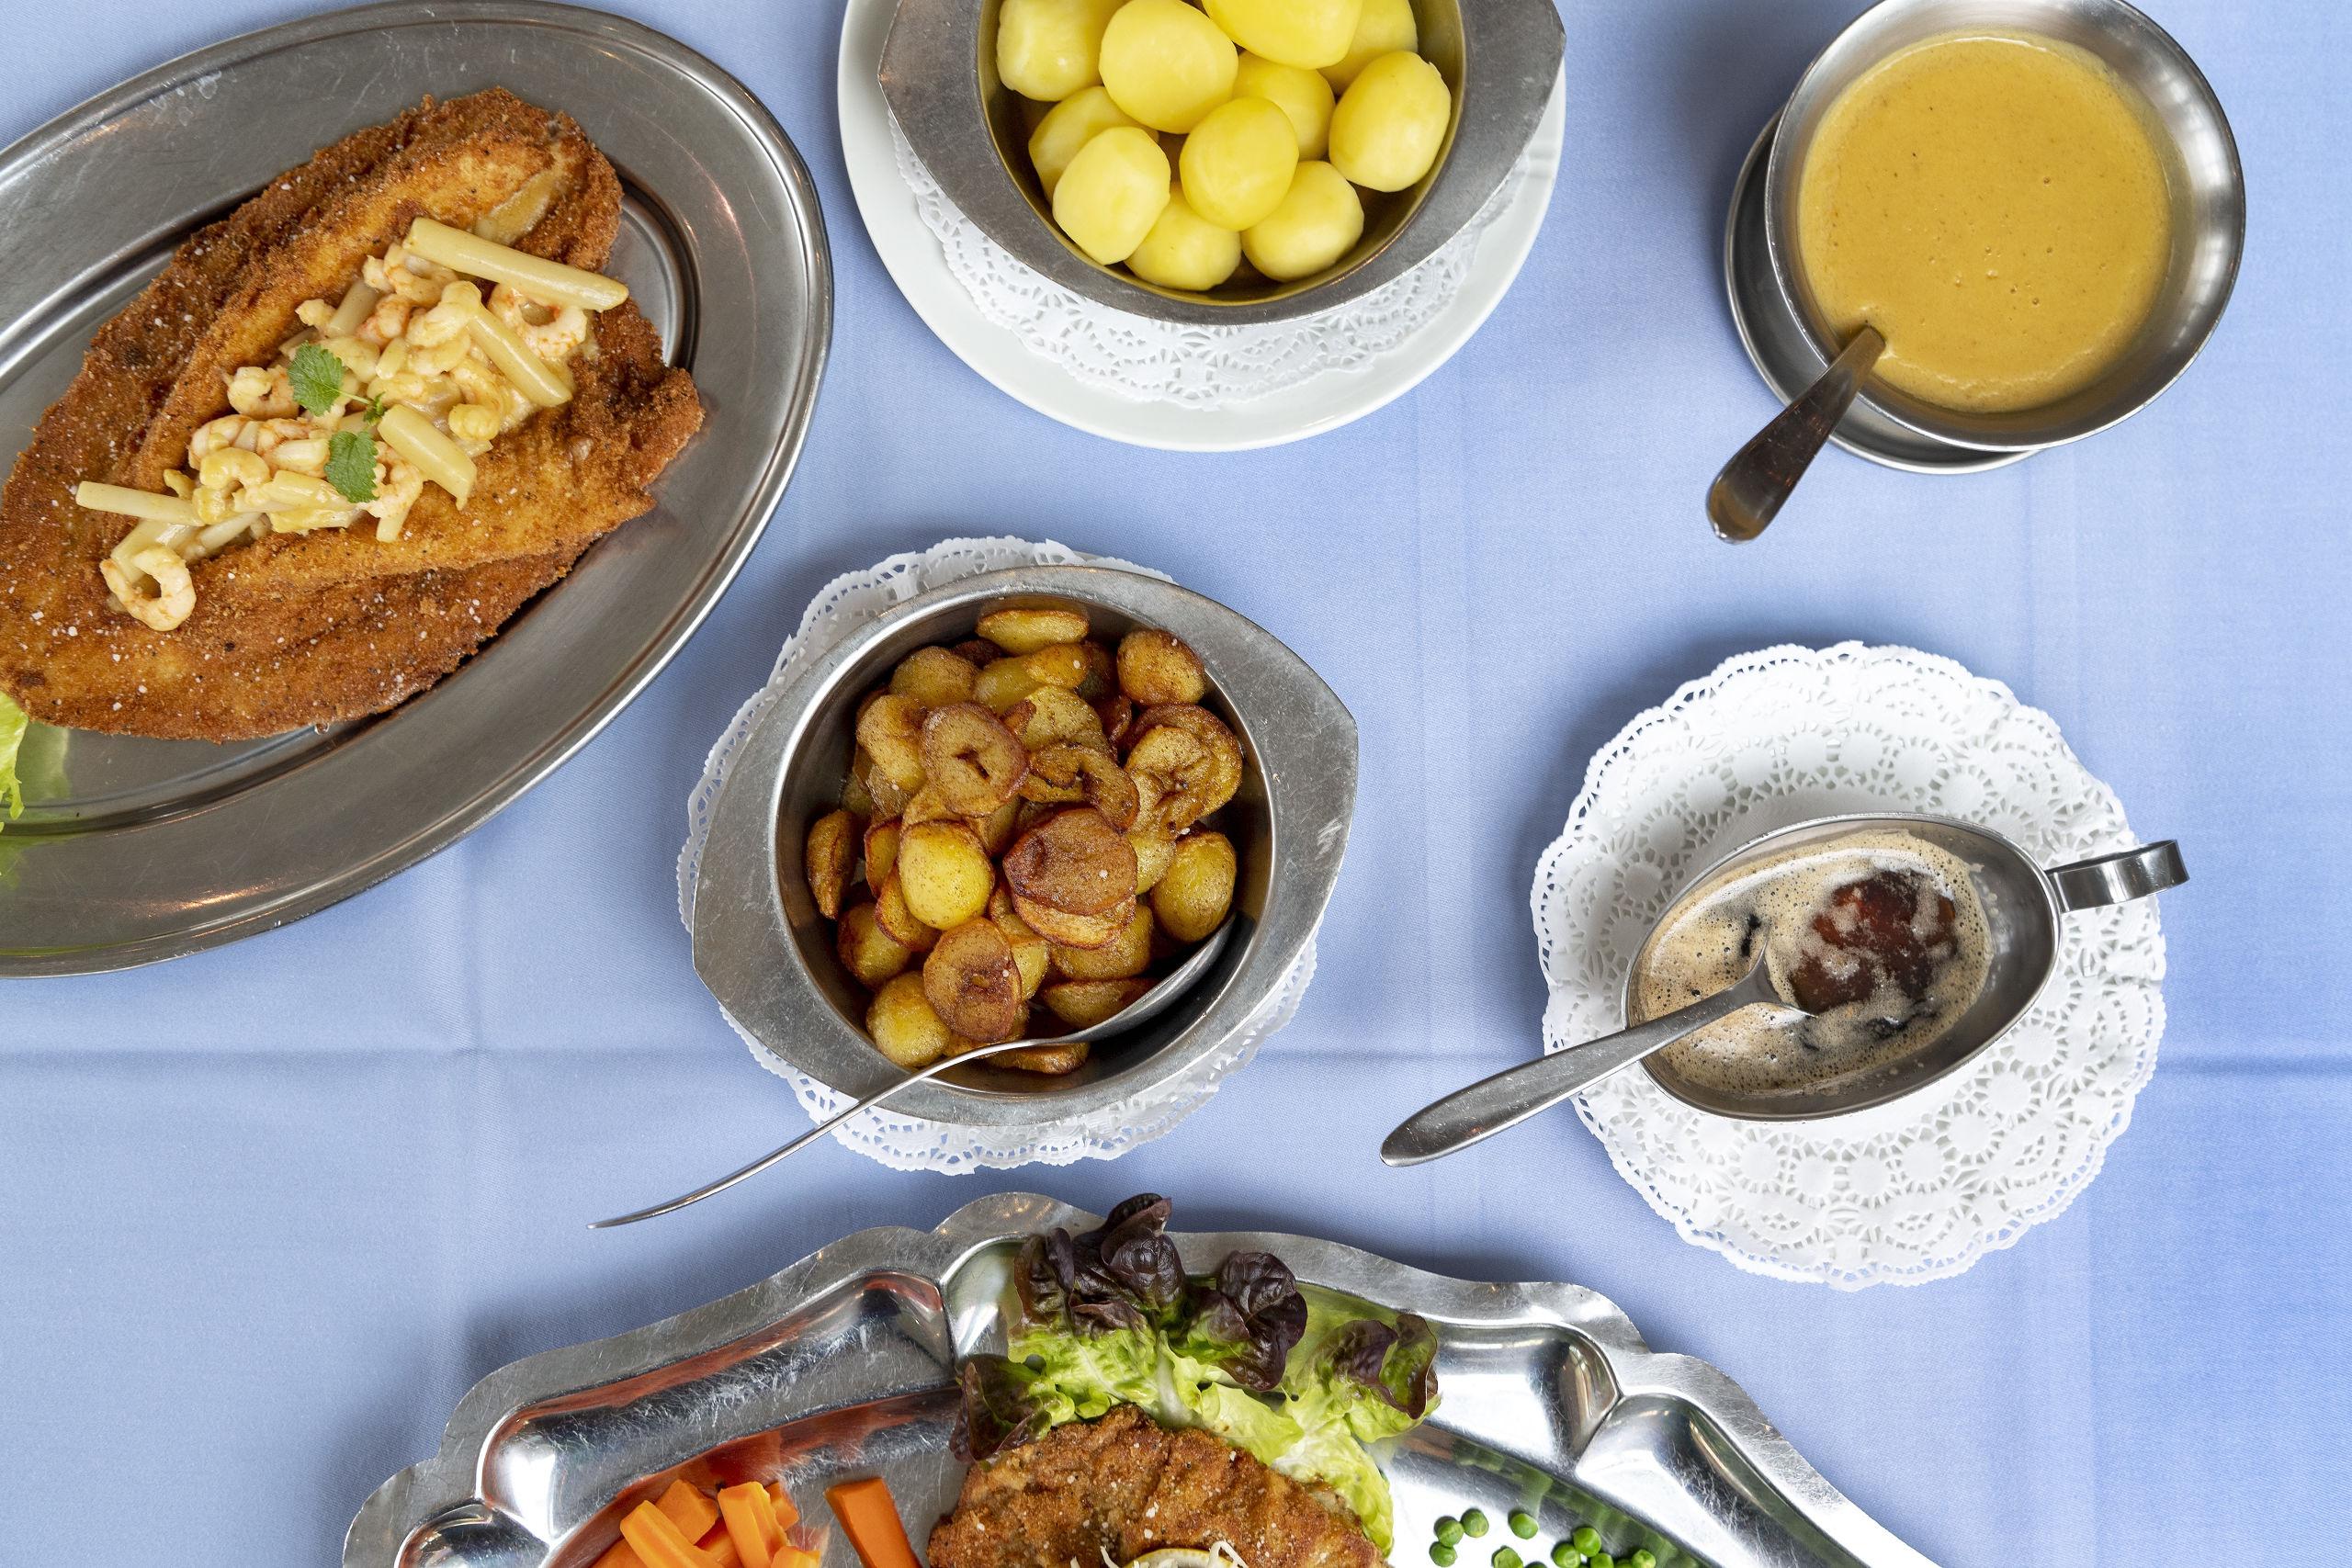 En kulinarisk tidslomme: Det er mormormad uden fortolkning, så man bliver glad i munden